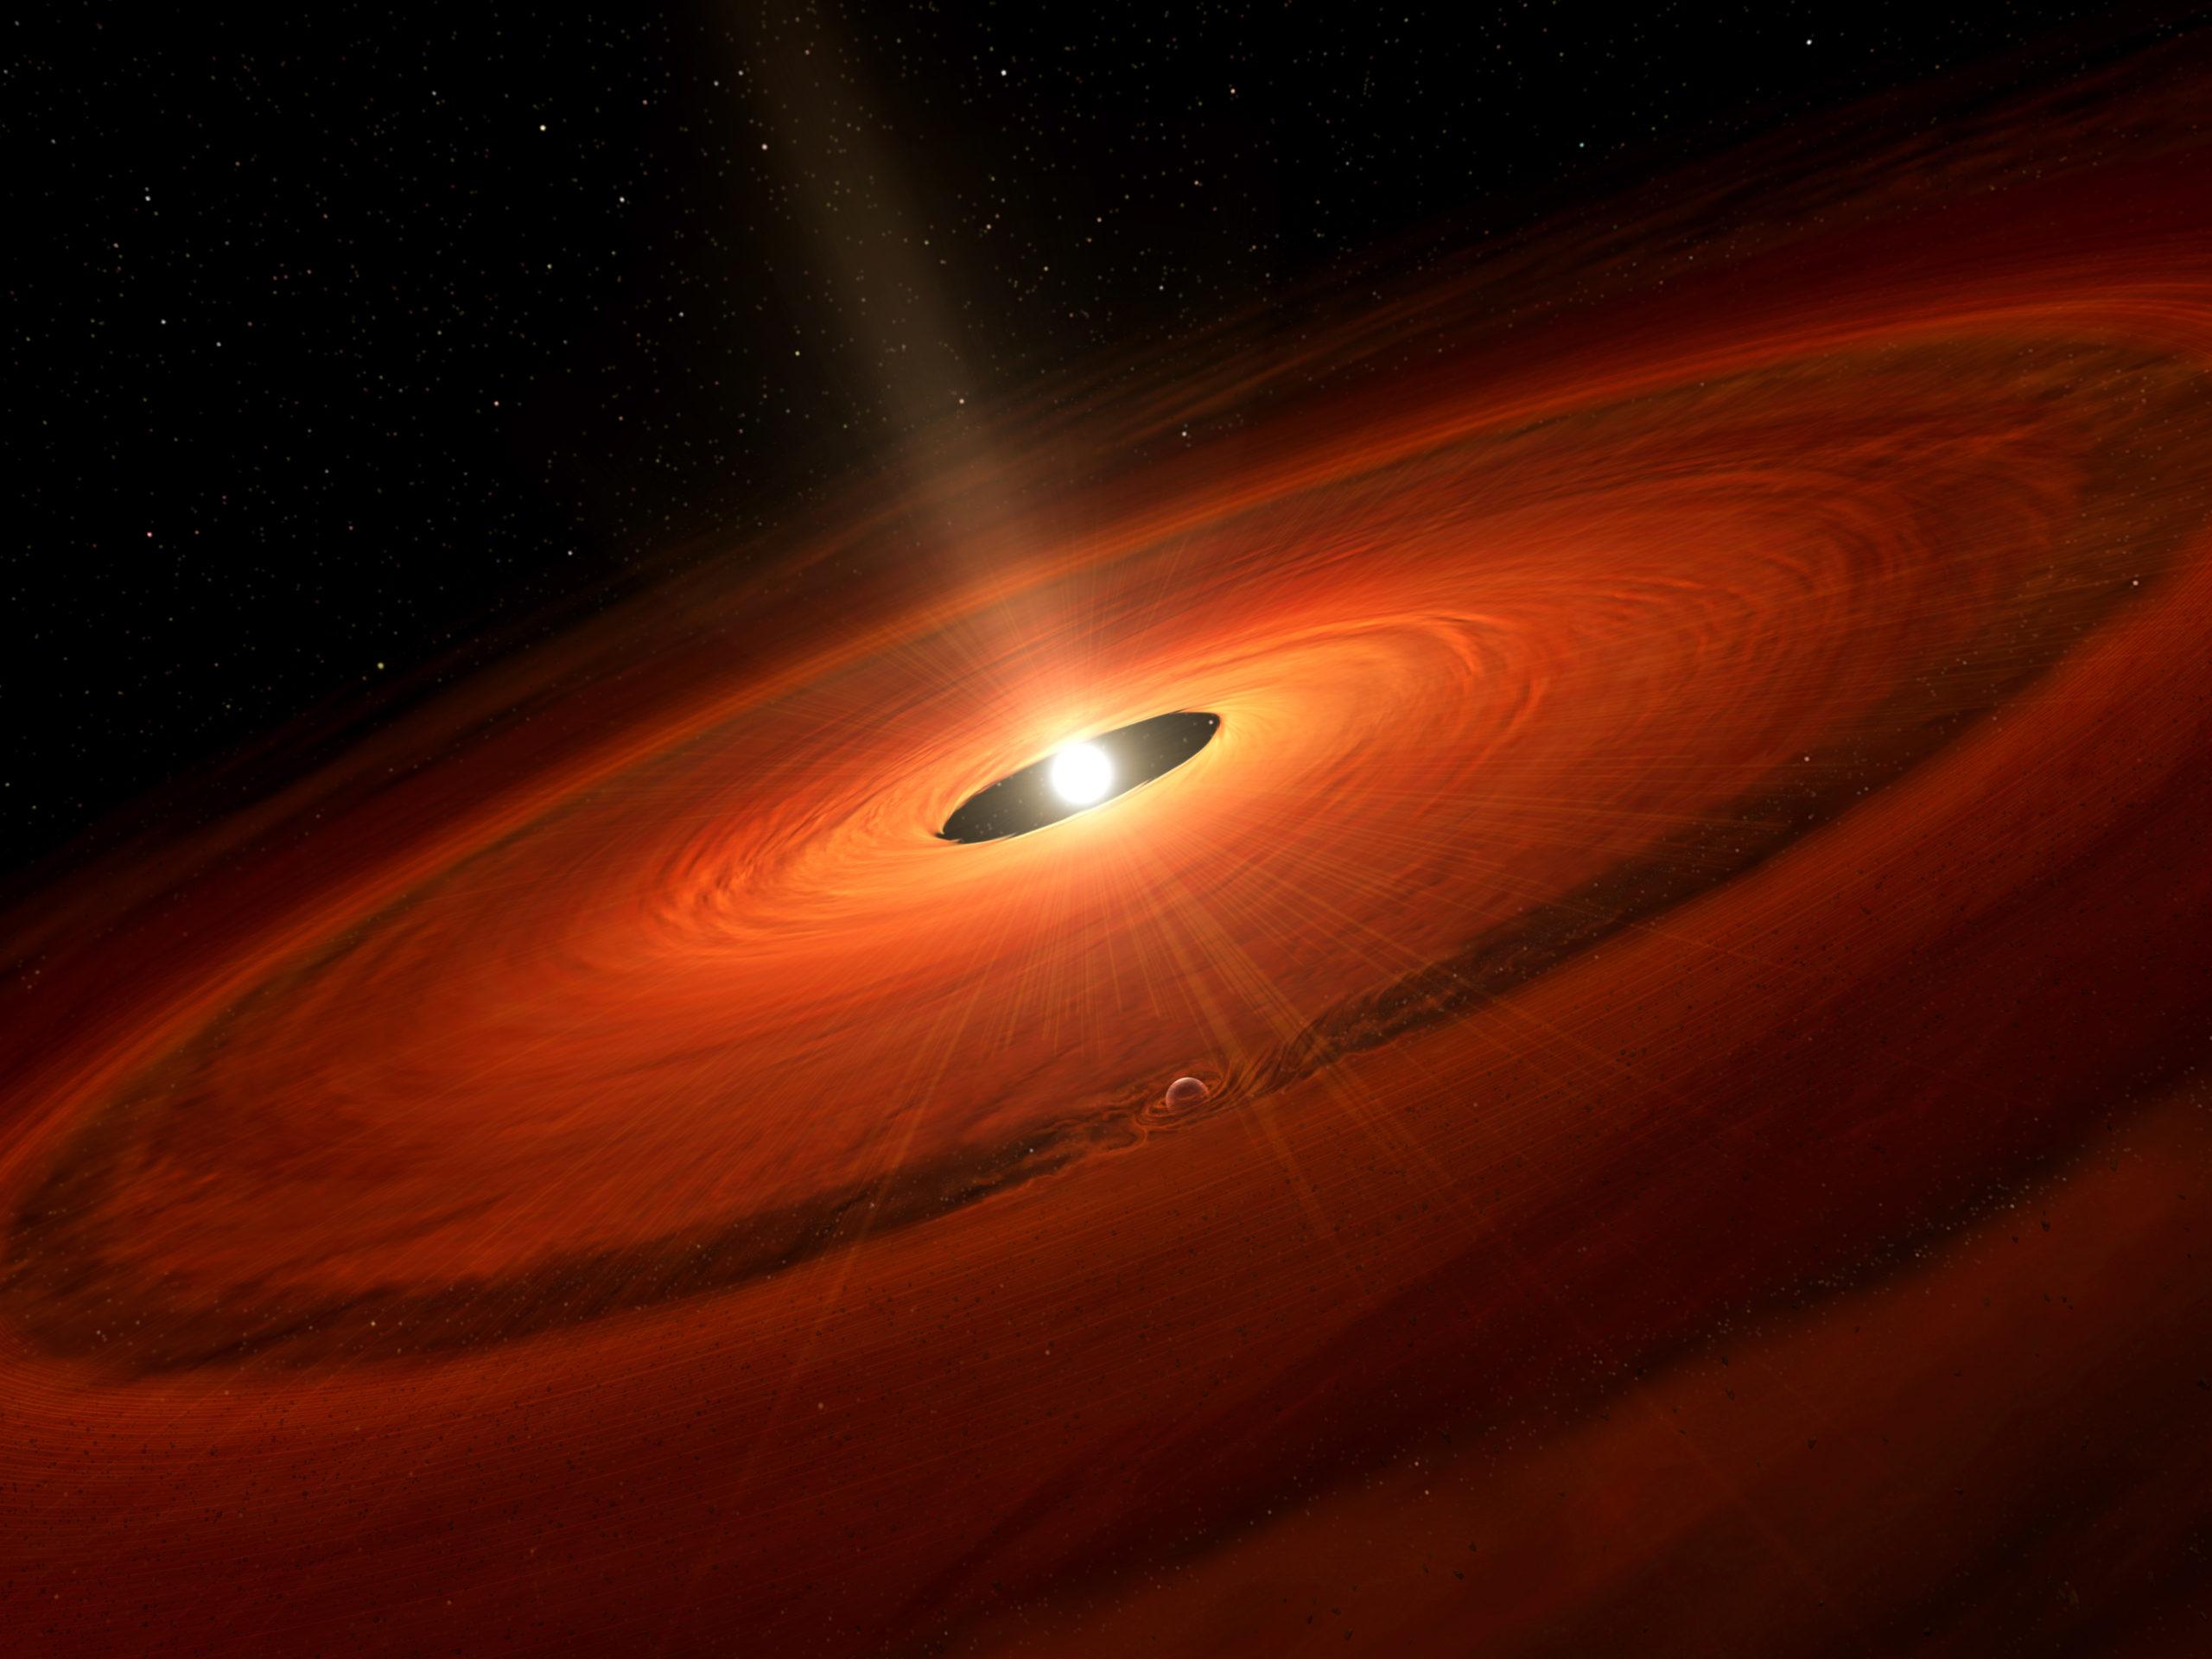 Representación artística del disco de polvo y de un planeta en formación alrededor de TW Hydrae.